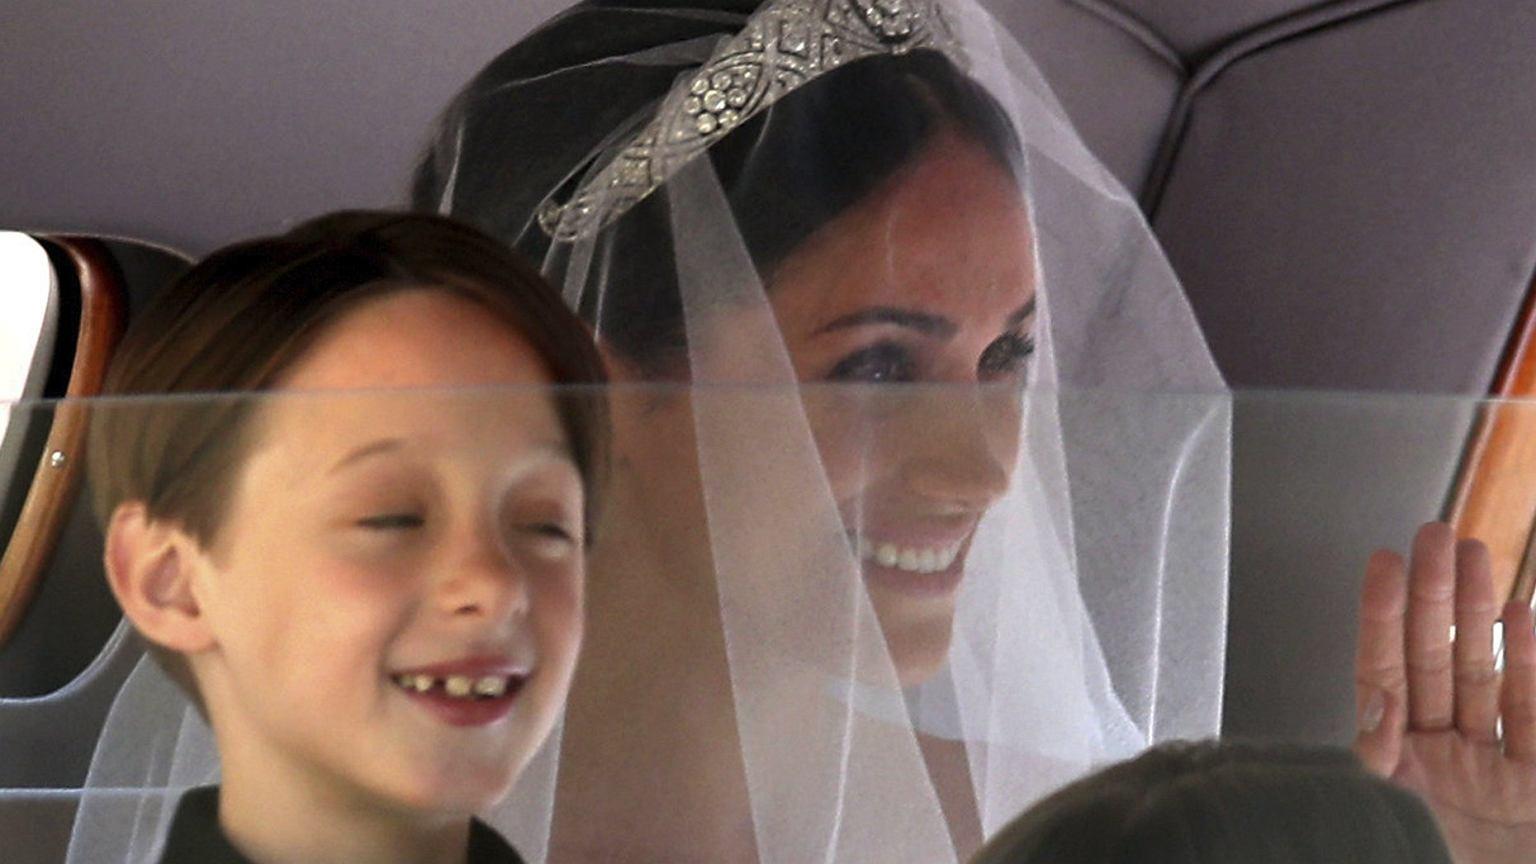 Już jest! Meghan Markle w przepięknej sukni ślubnej. Wiemy, kto ją zaprojektował